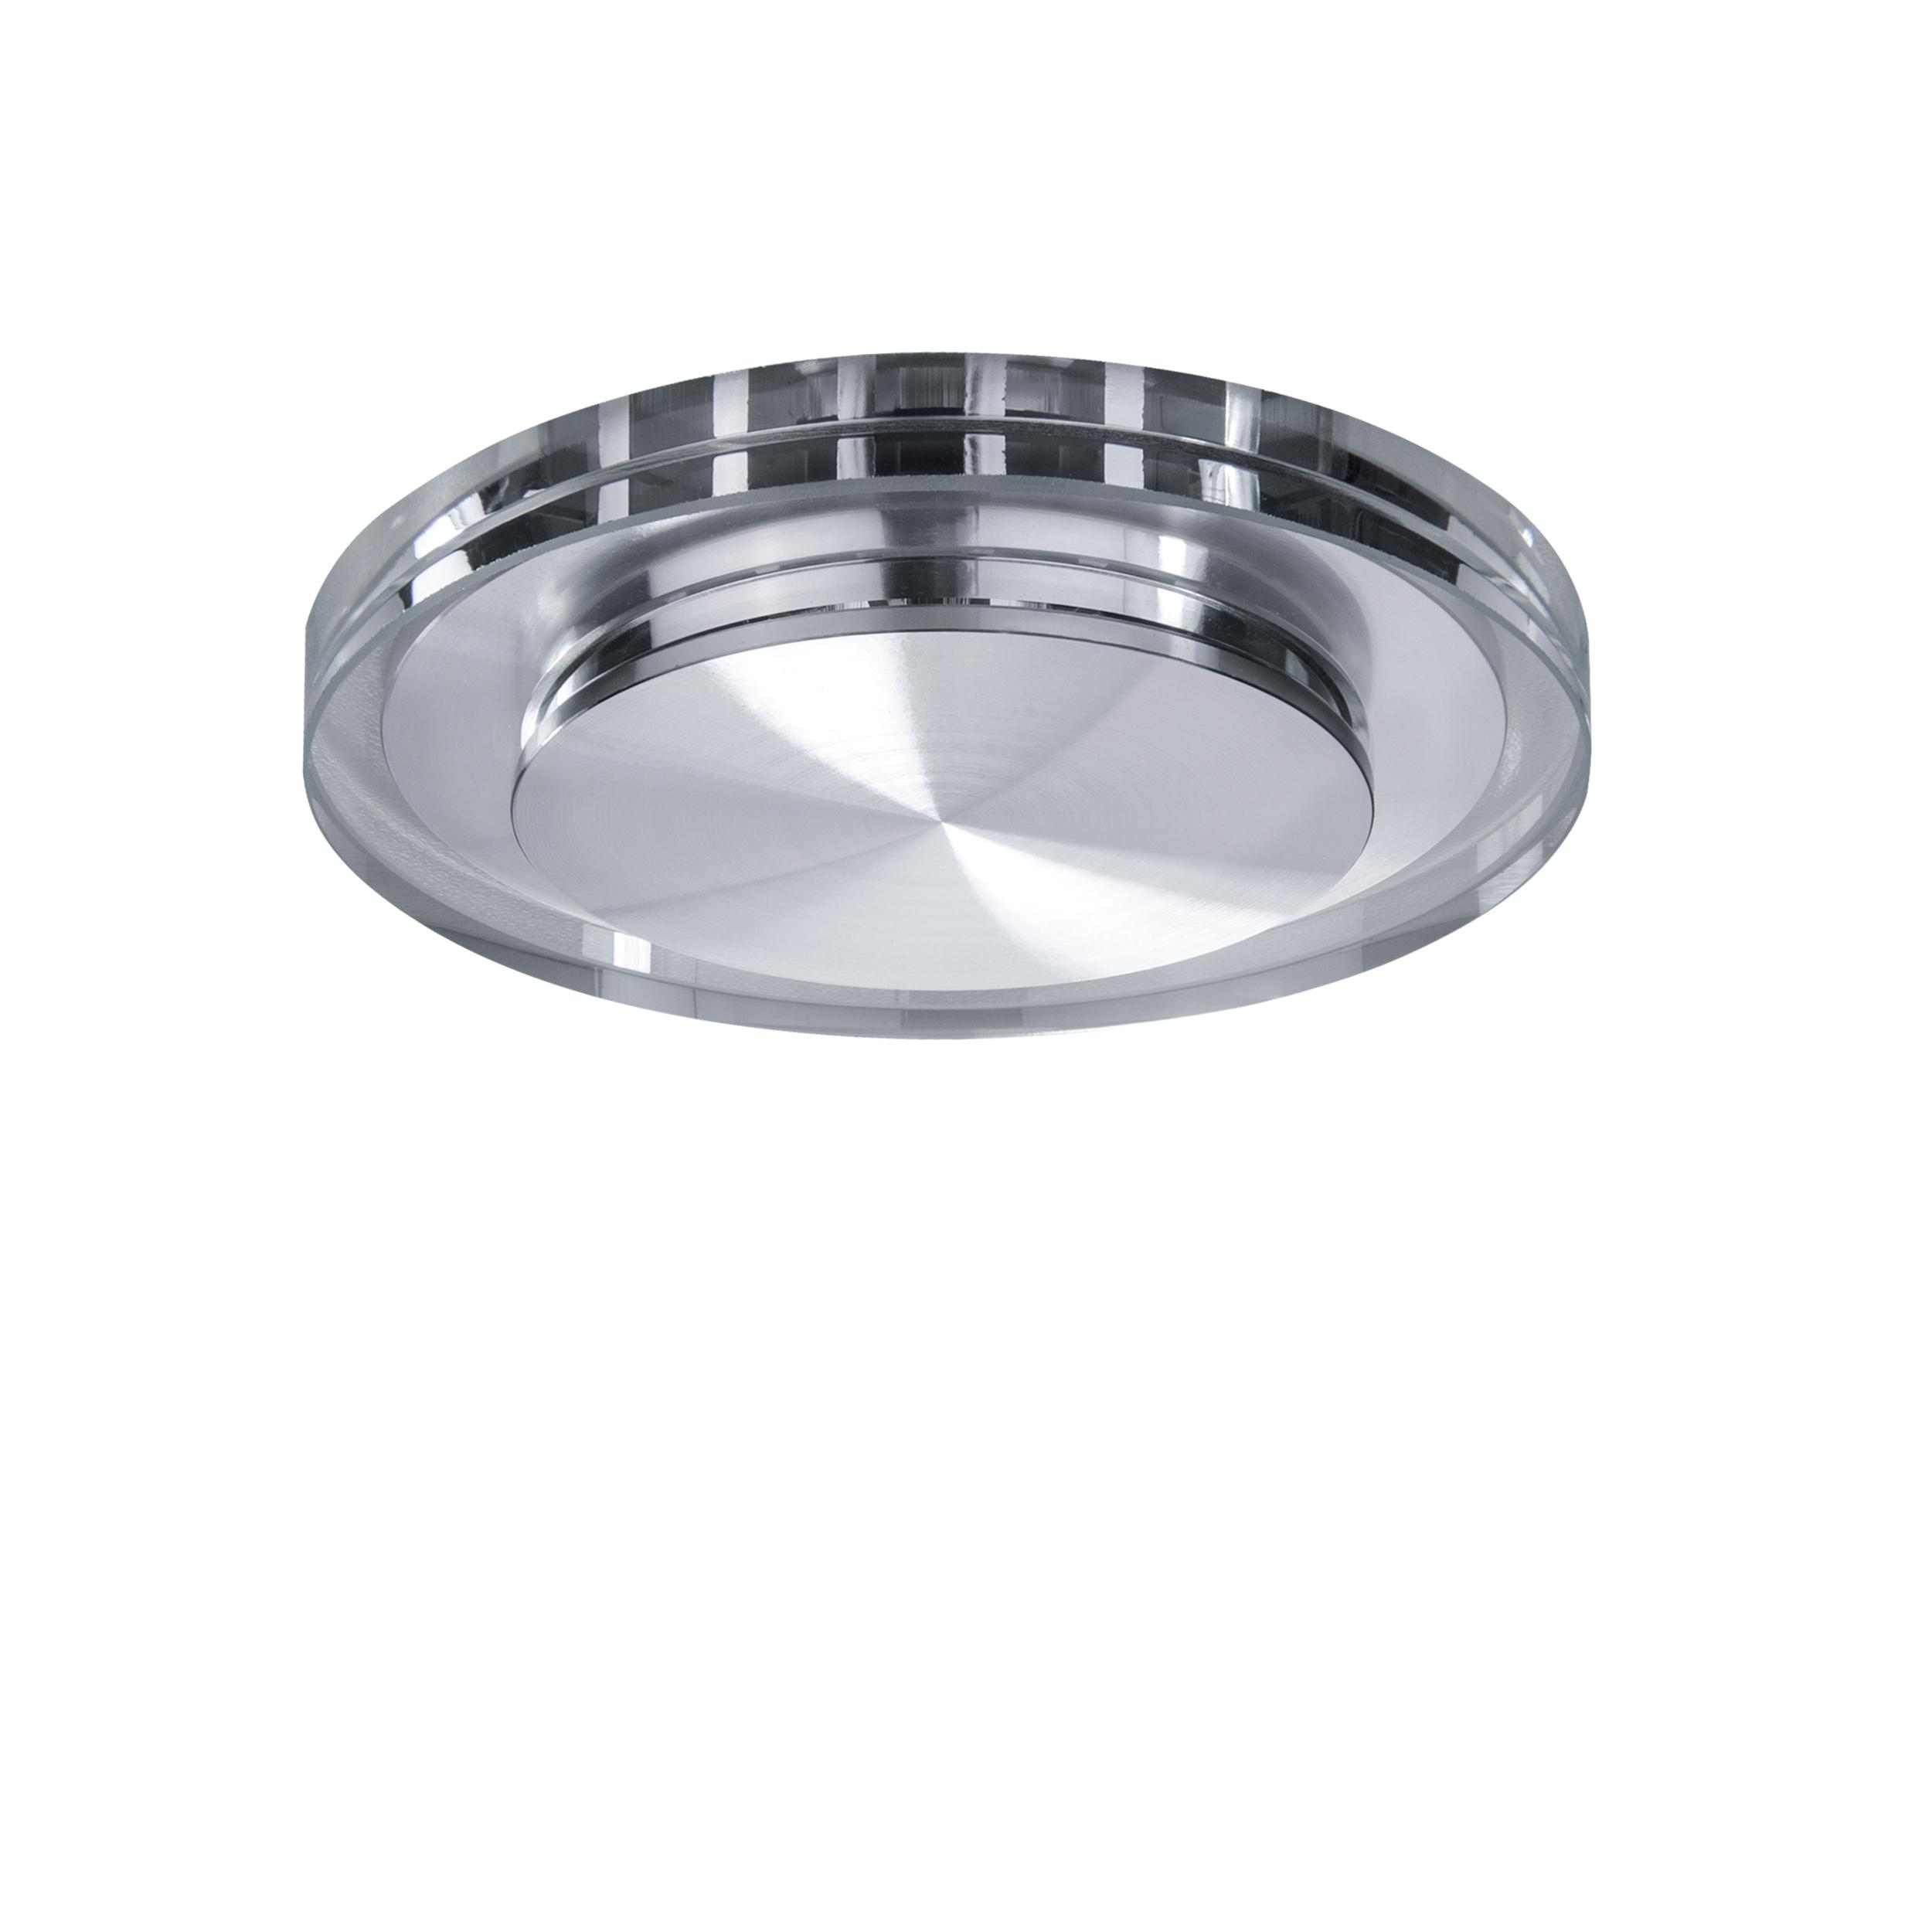 Встраиваемый светодиодный светильник Lightstar Speccio 070312, IP44, LED 5W 3000K 380lm, прозрачный, стекло - фото 1